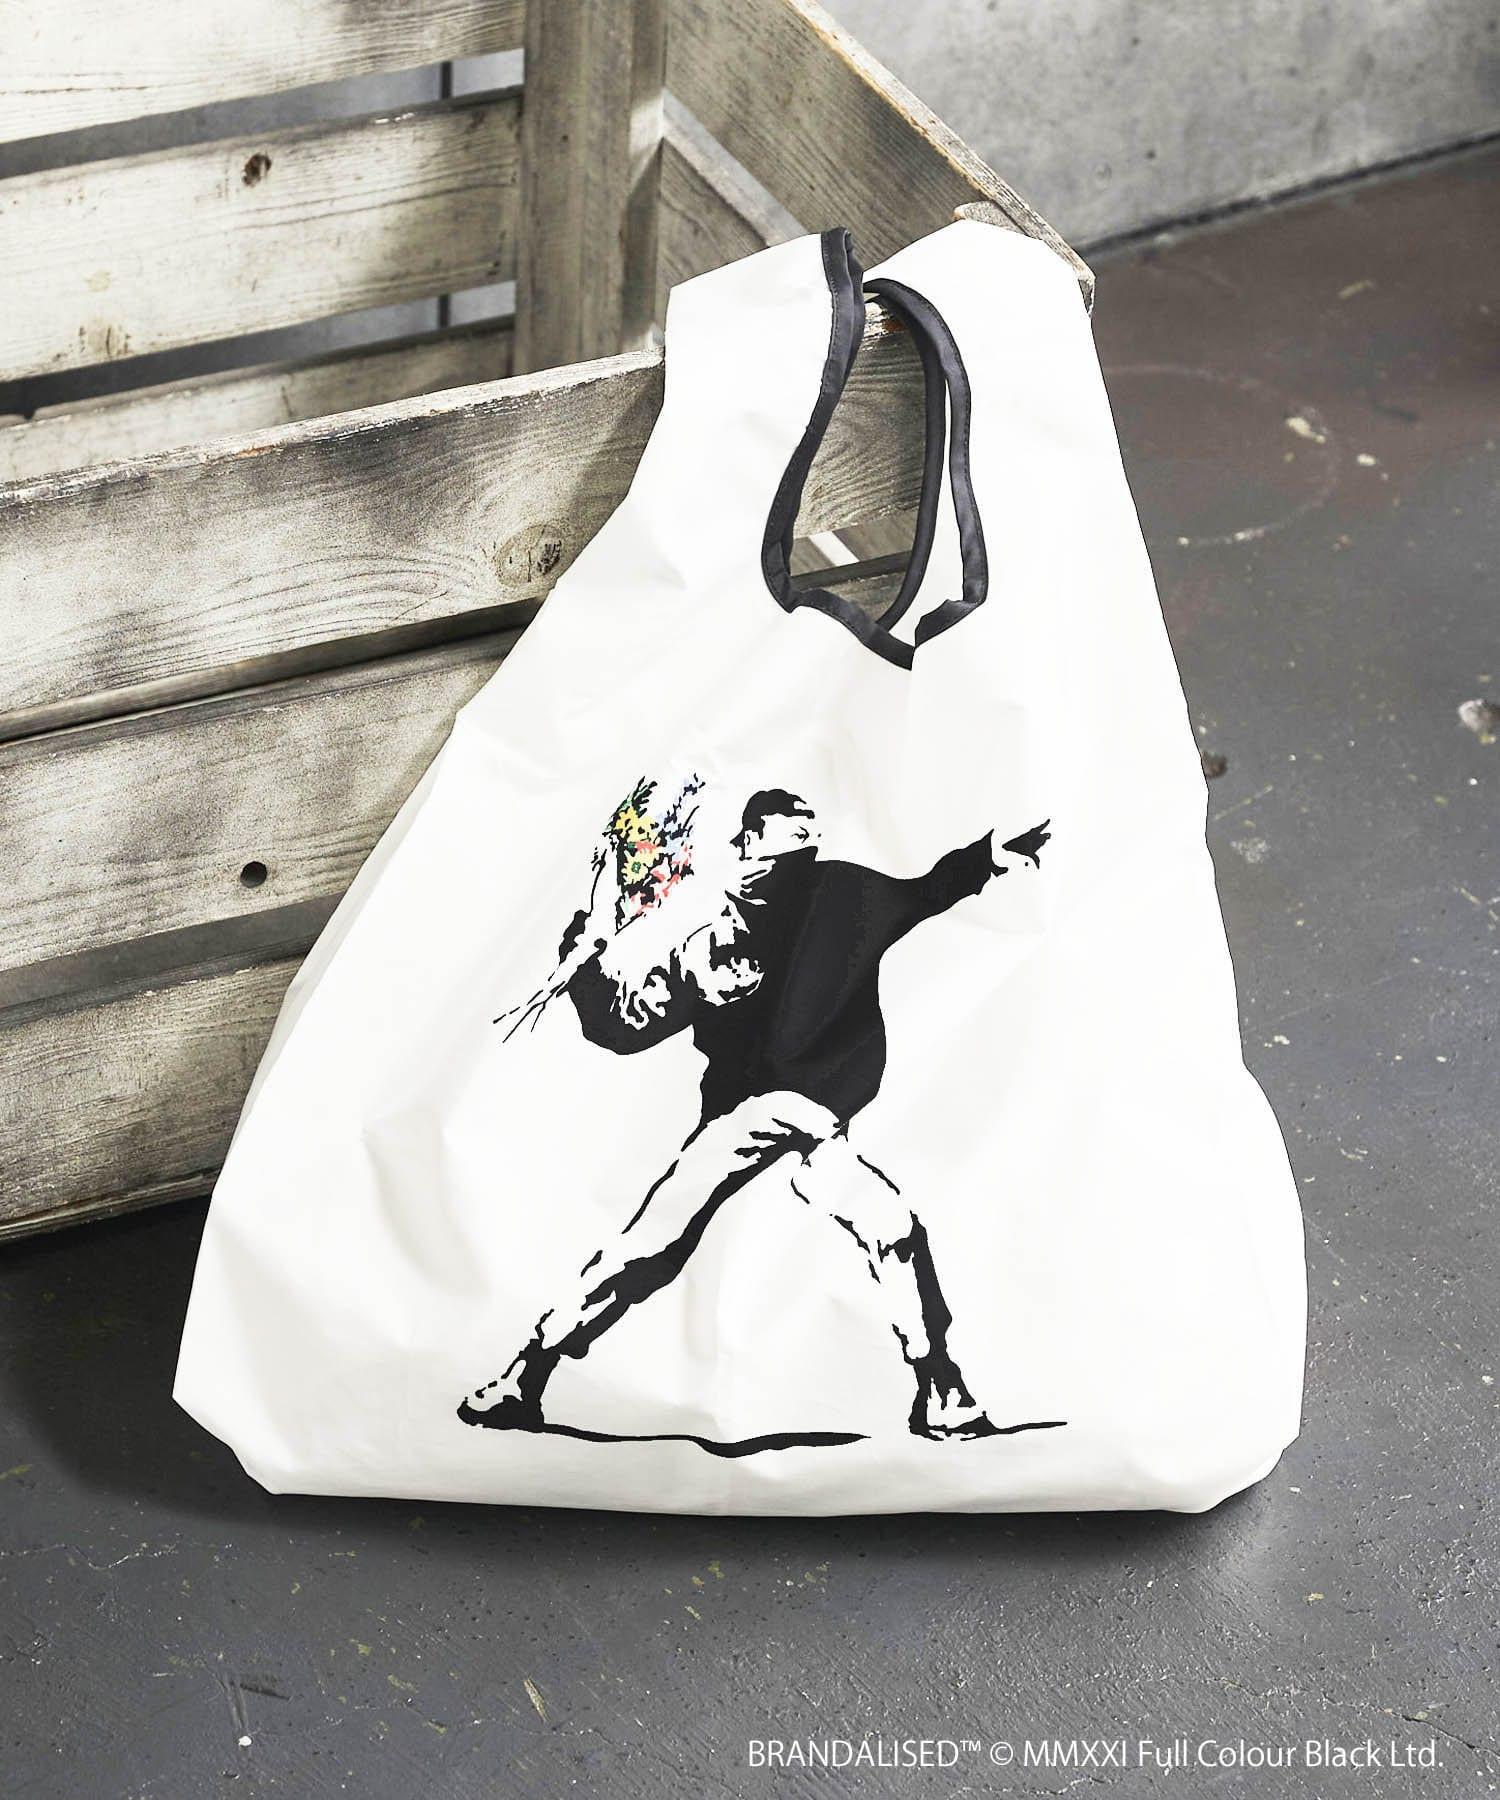 ASOKO(アソコ) レディース Banksy's Graffiti エコバッグ(L) その他